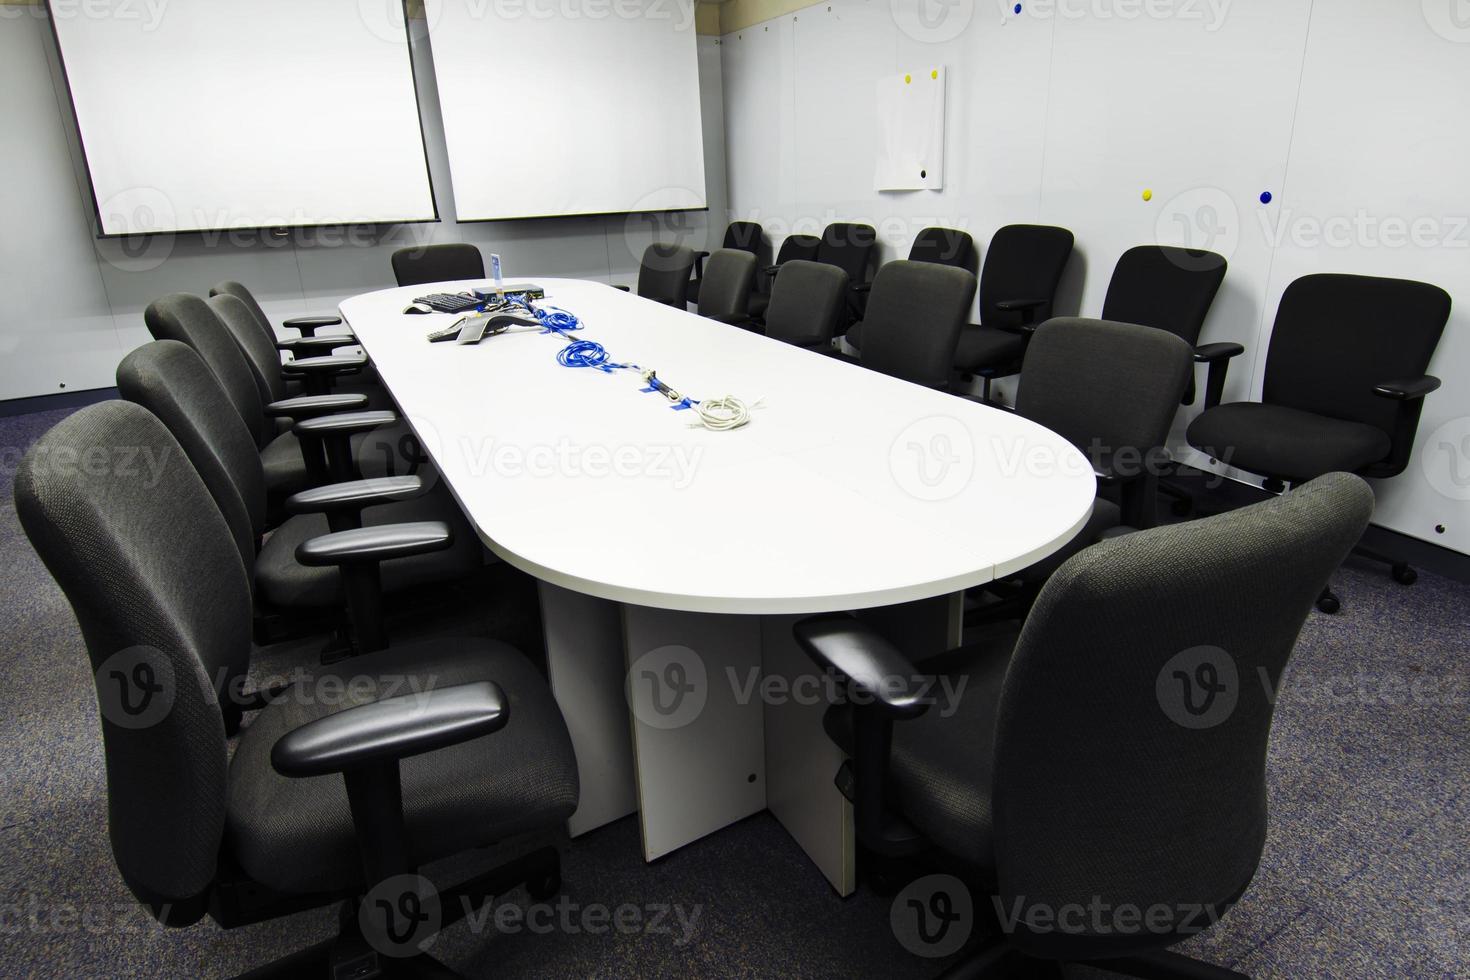 preparación de la sala de conferencias foto